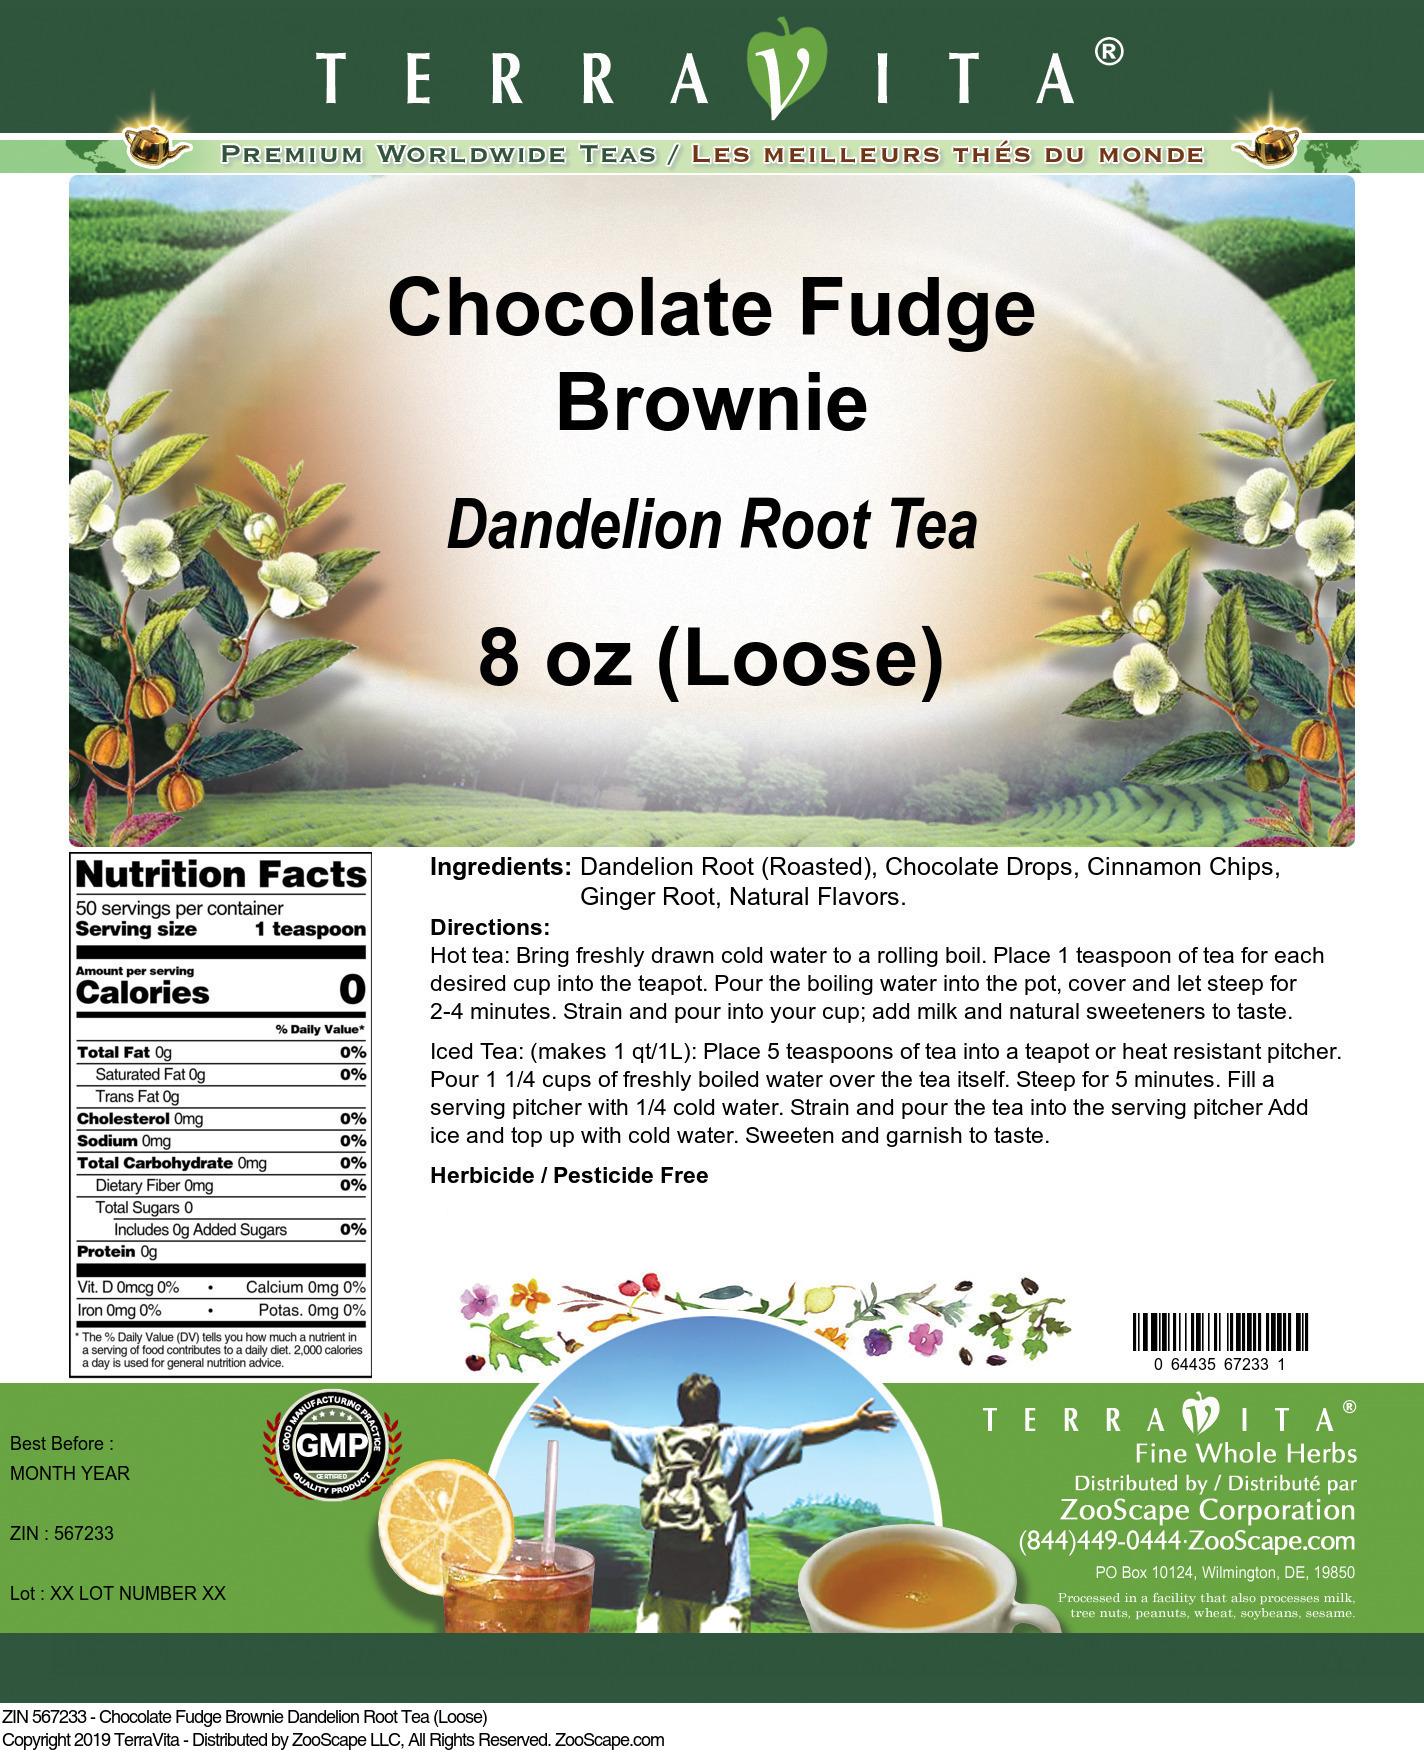 Chocolate Fudge Brownie Dandelion Root